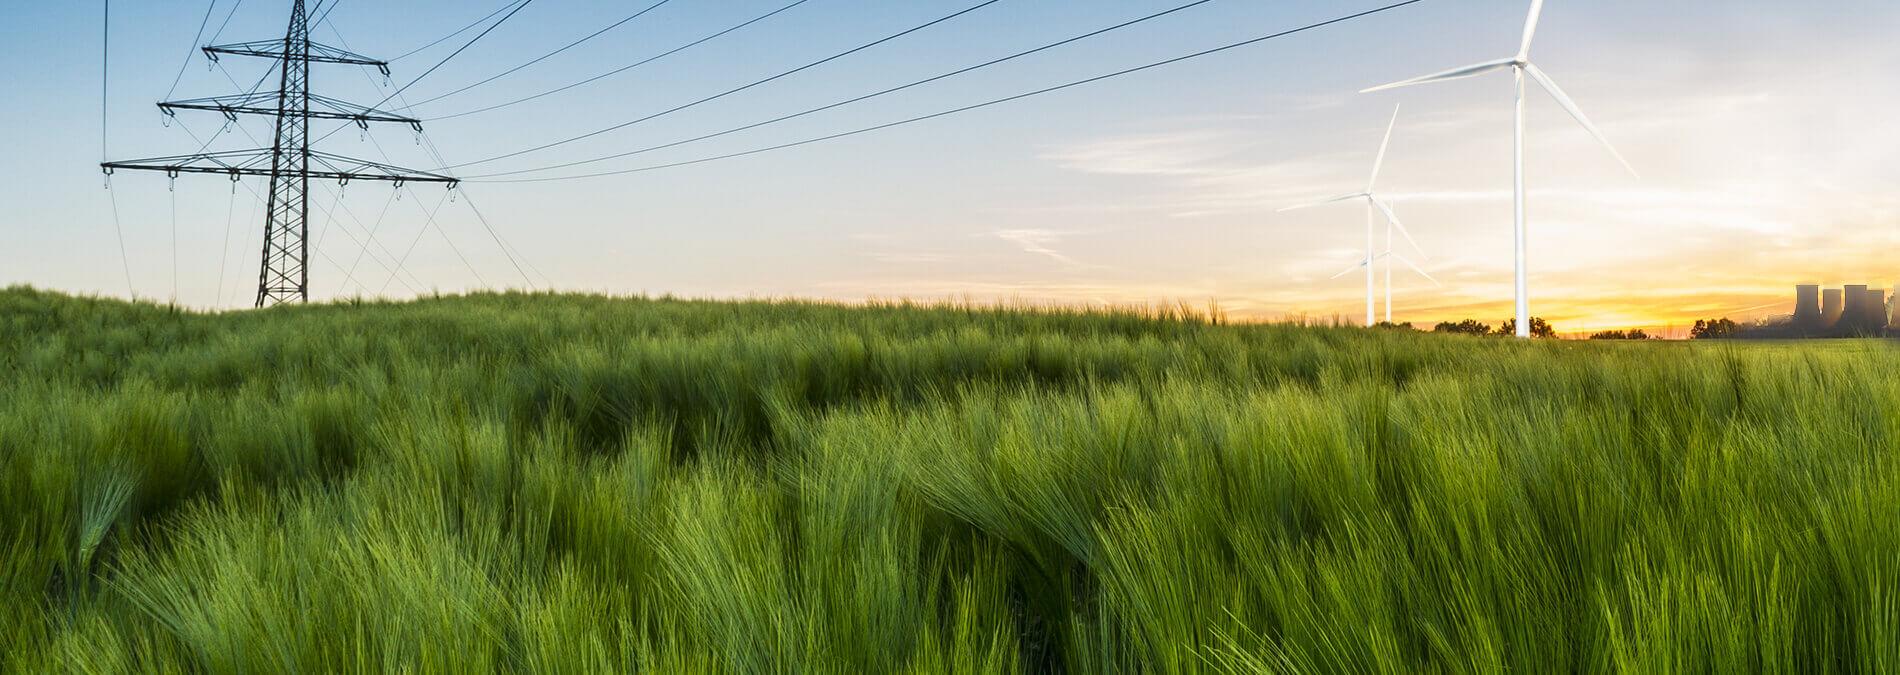 enformer Energiewende grüne Feldlandschaft Stommast Windkraftanlage Kohlekraftwerk im Hintergund